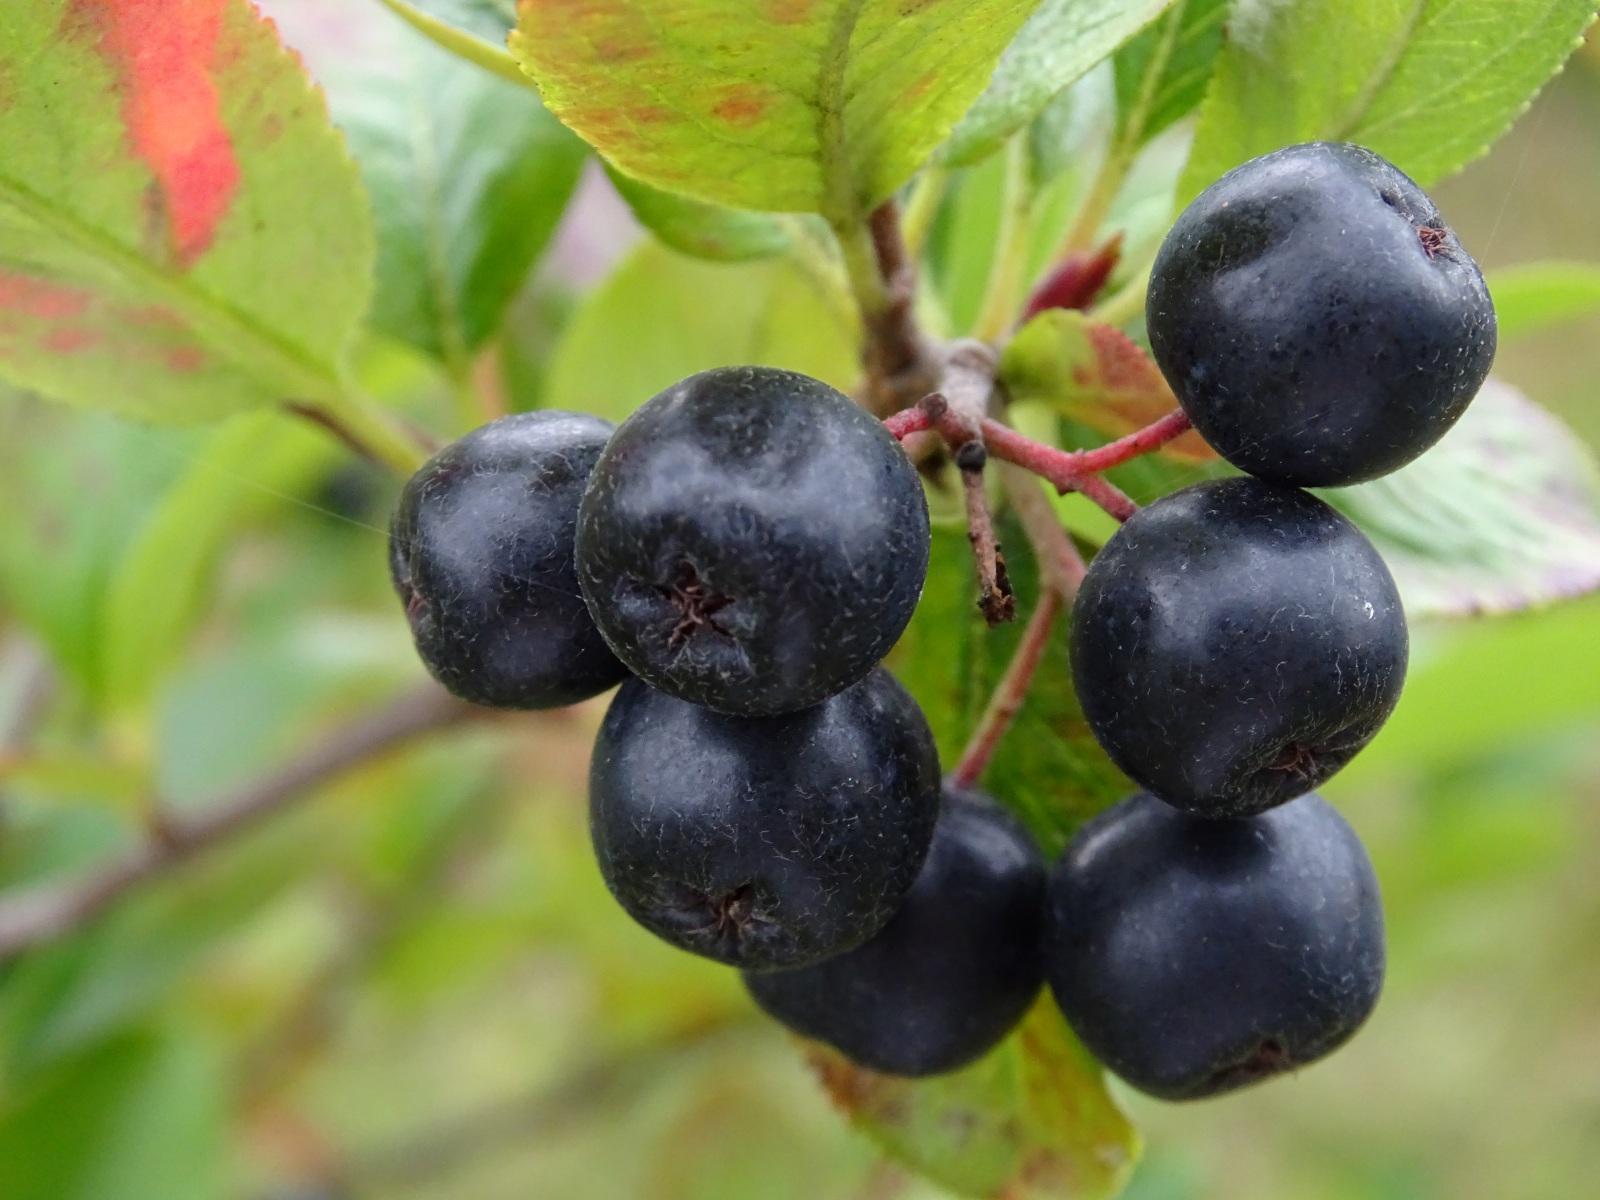 Aronia czarna owoce, 23.08.2020 r.